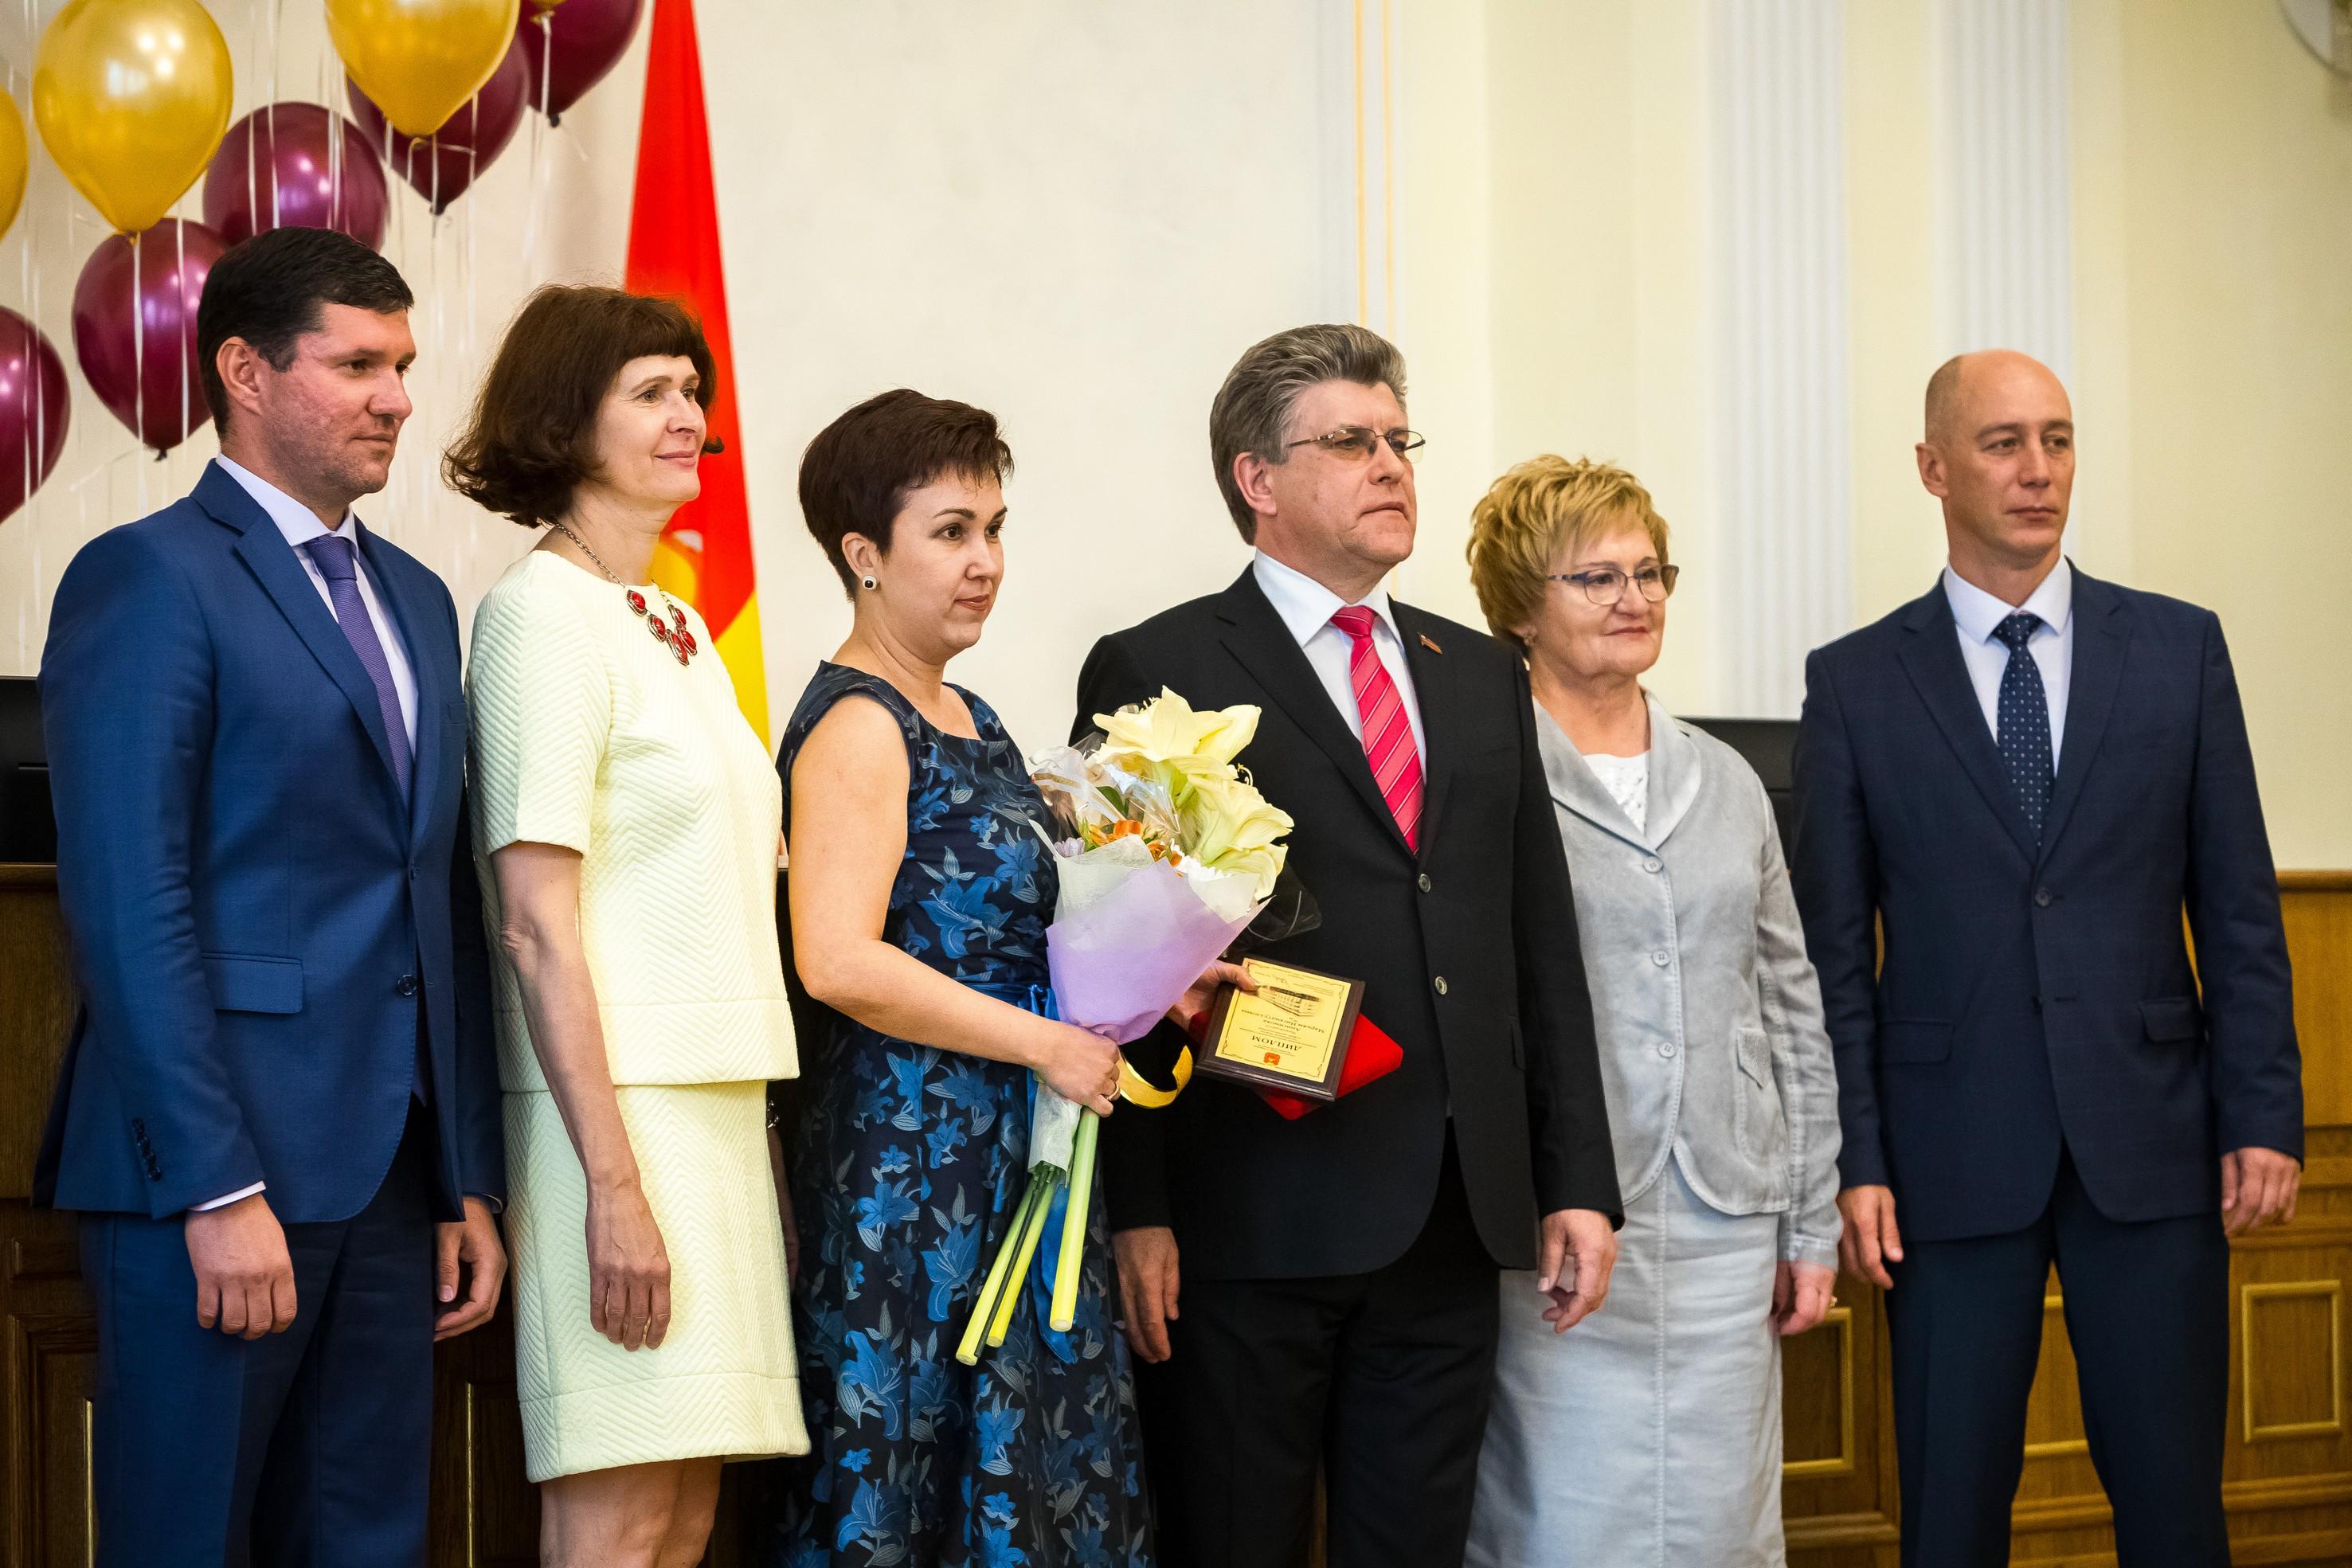 Заместитель председателя Законодательного Собрания Челябинской области Александр Журавлев вручил